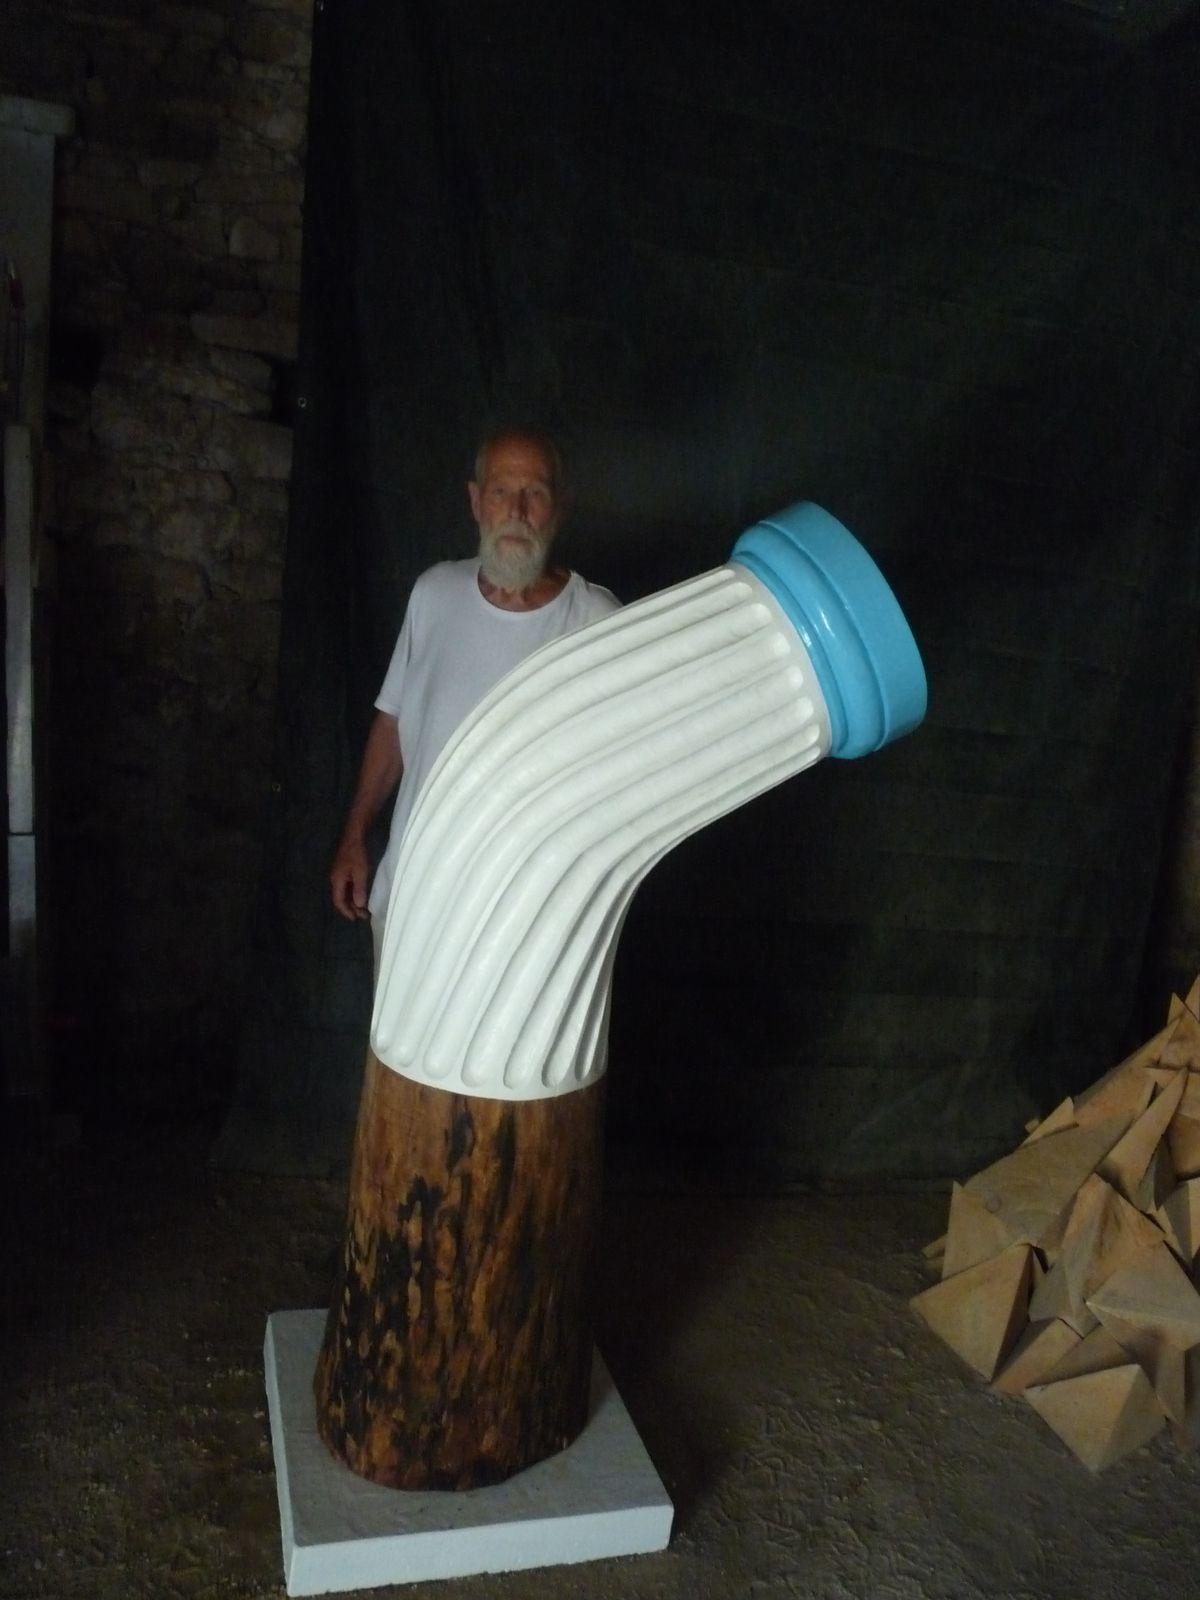 afin qu'on prenne conscience des dimensions de sa sculpture, Joseph Wouters pause à côté d'elle